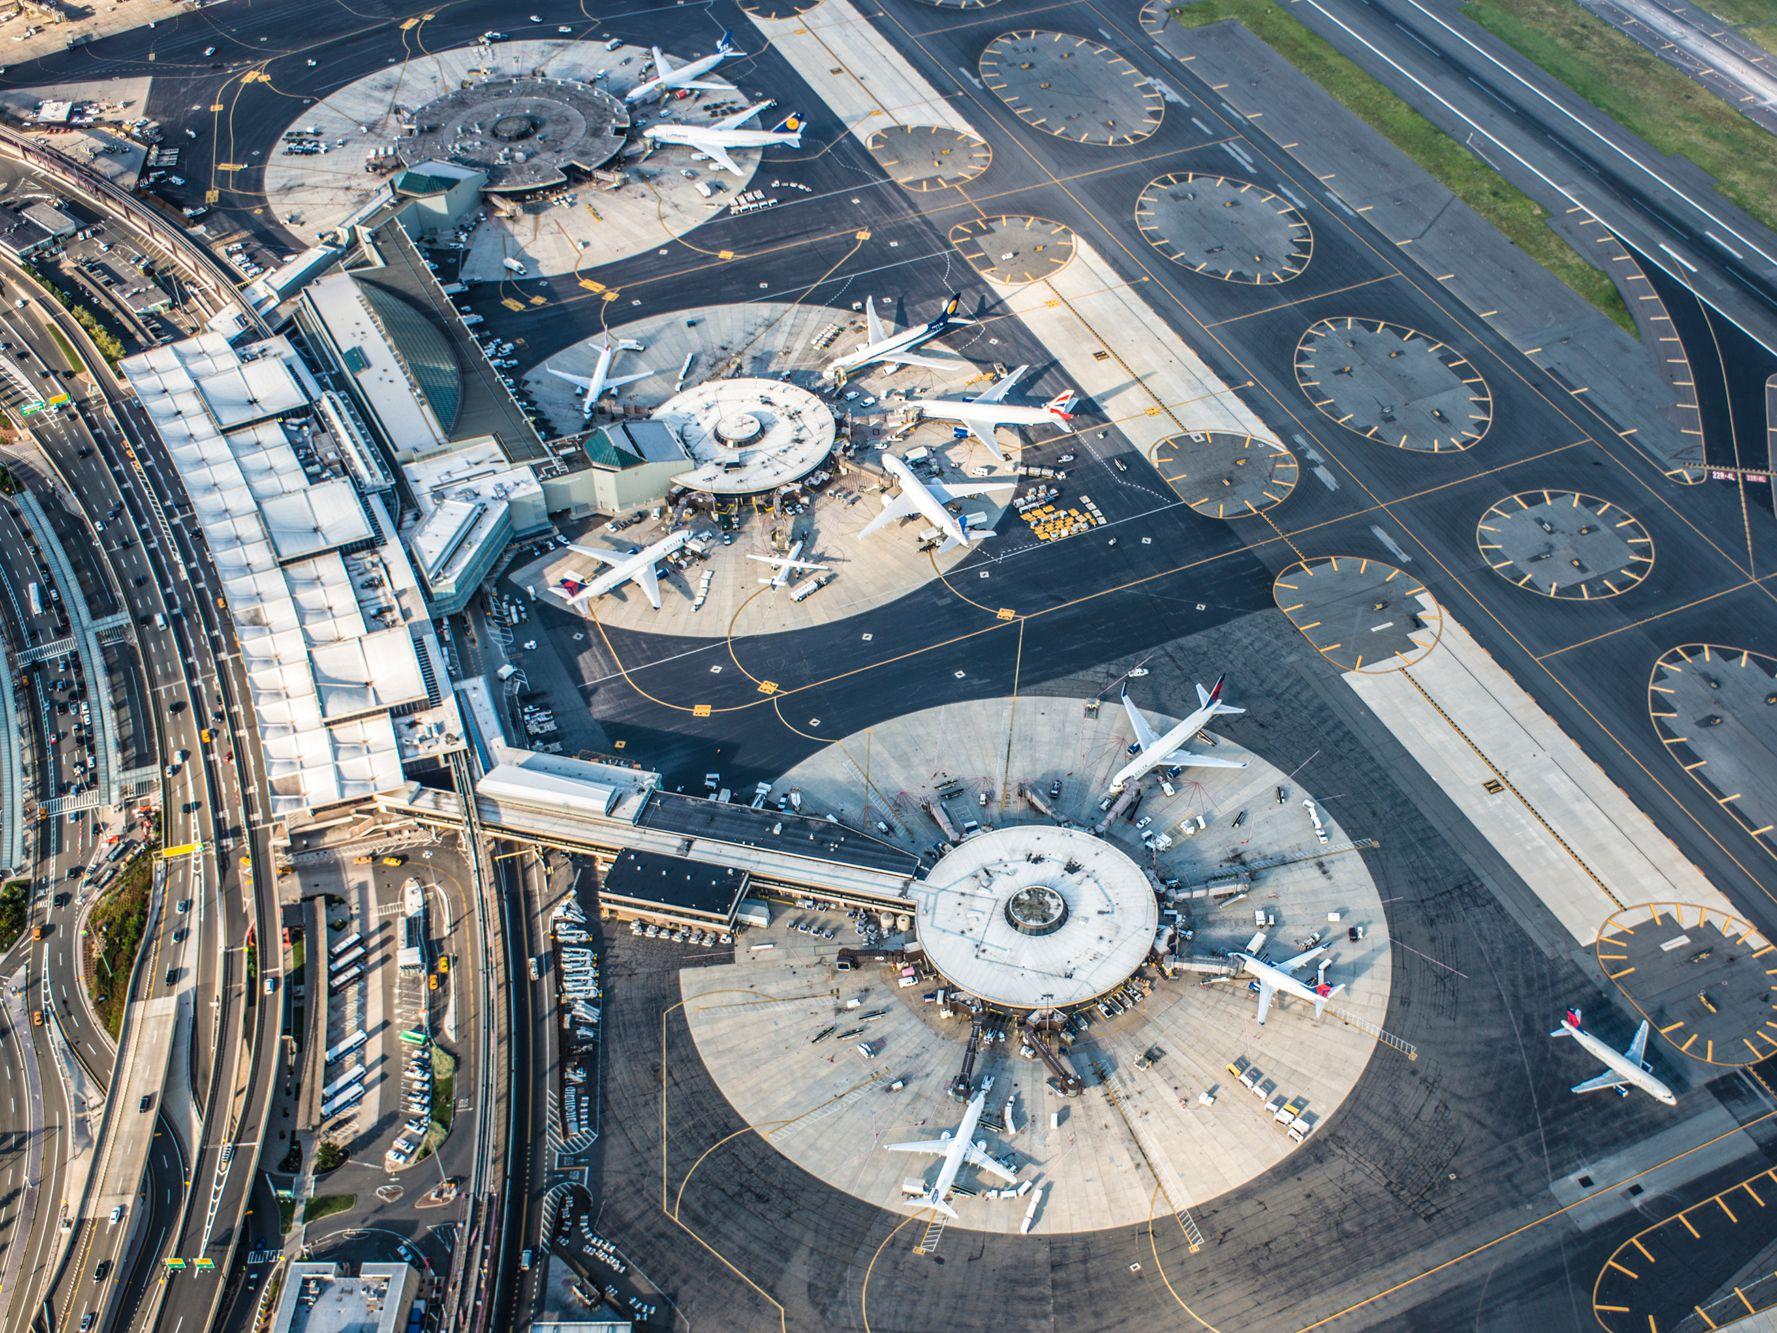 فرودگاه عجیب نیویورک در آمریکا + عکس